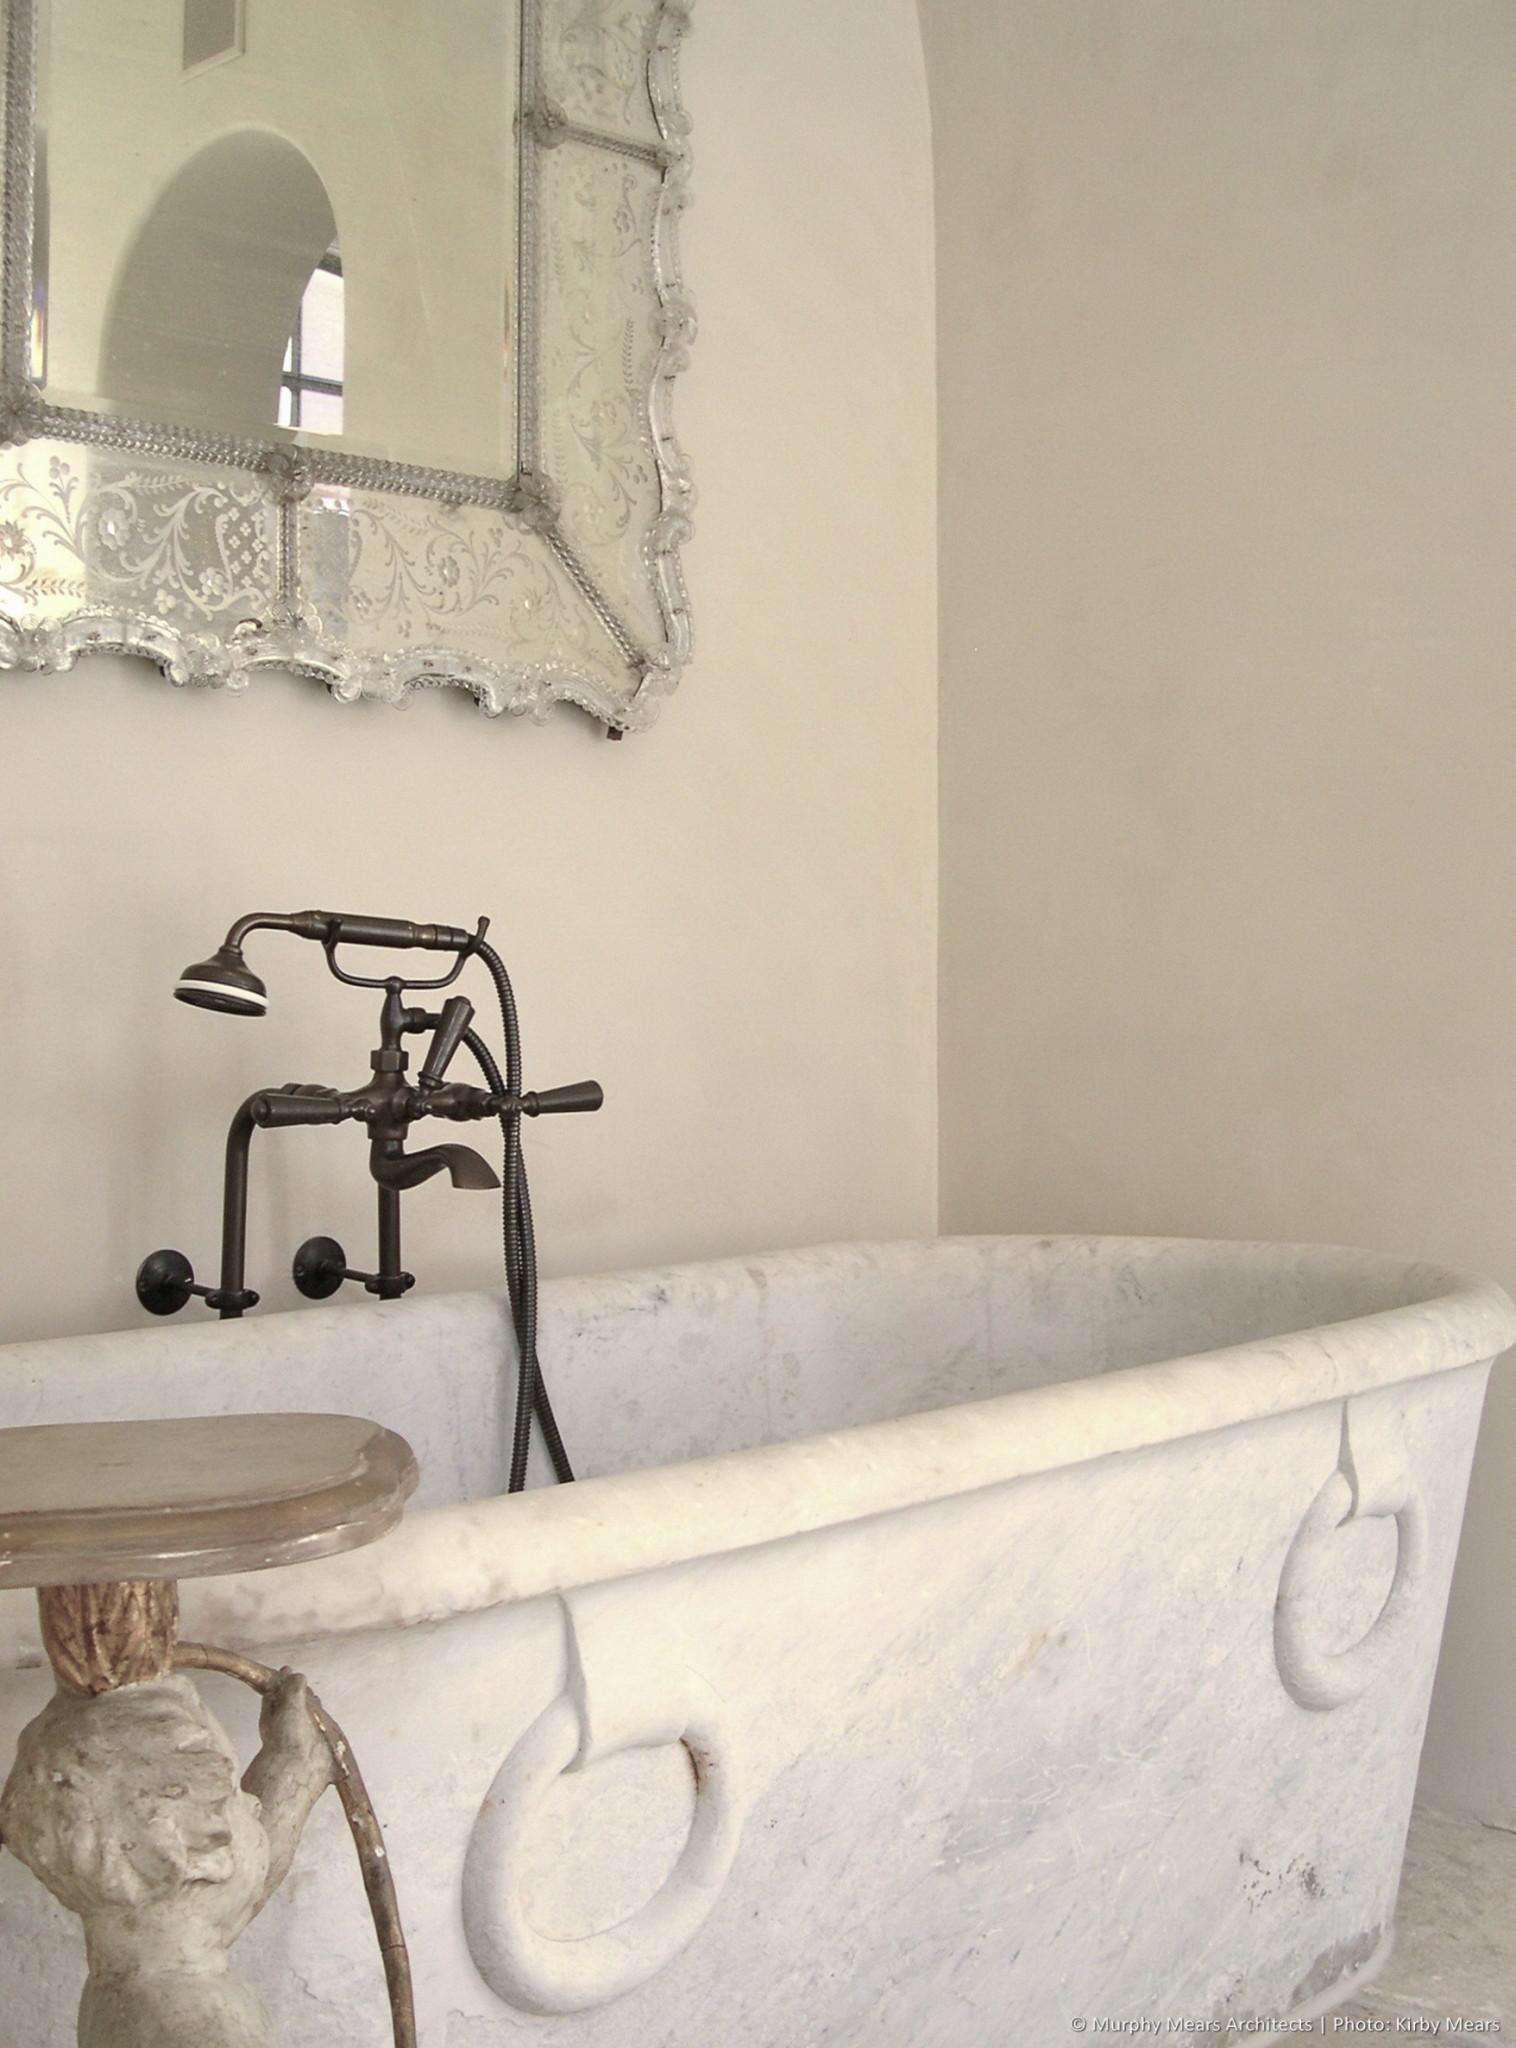 w-bridge-house-master-bath-tub